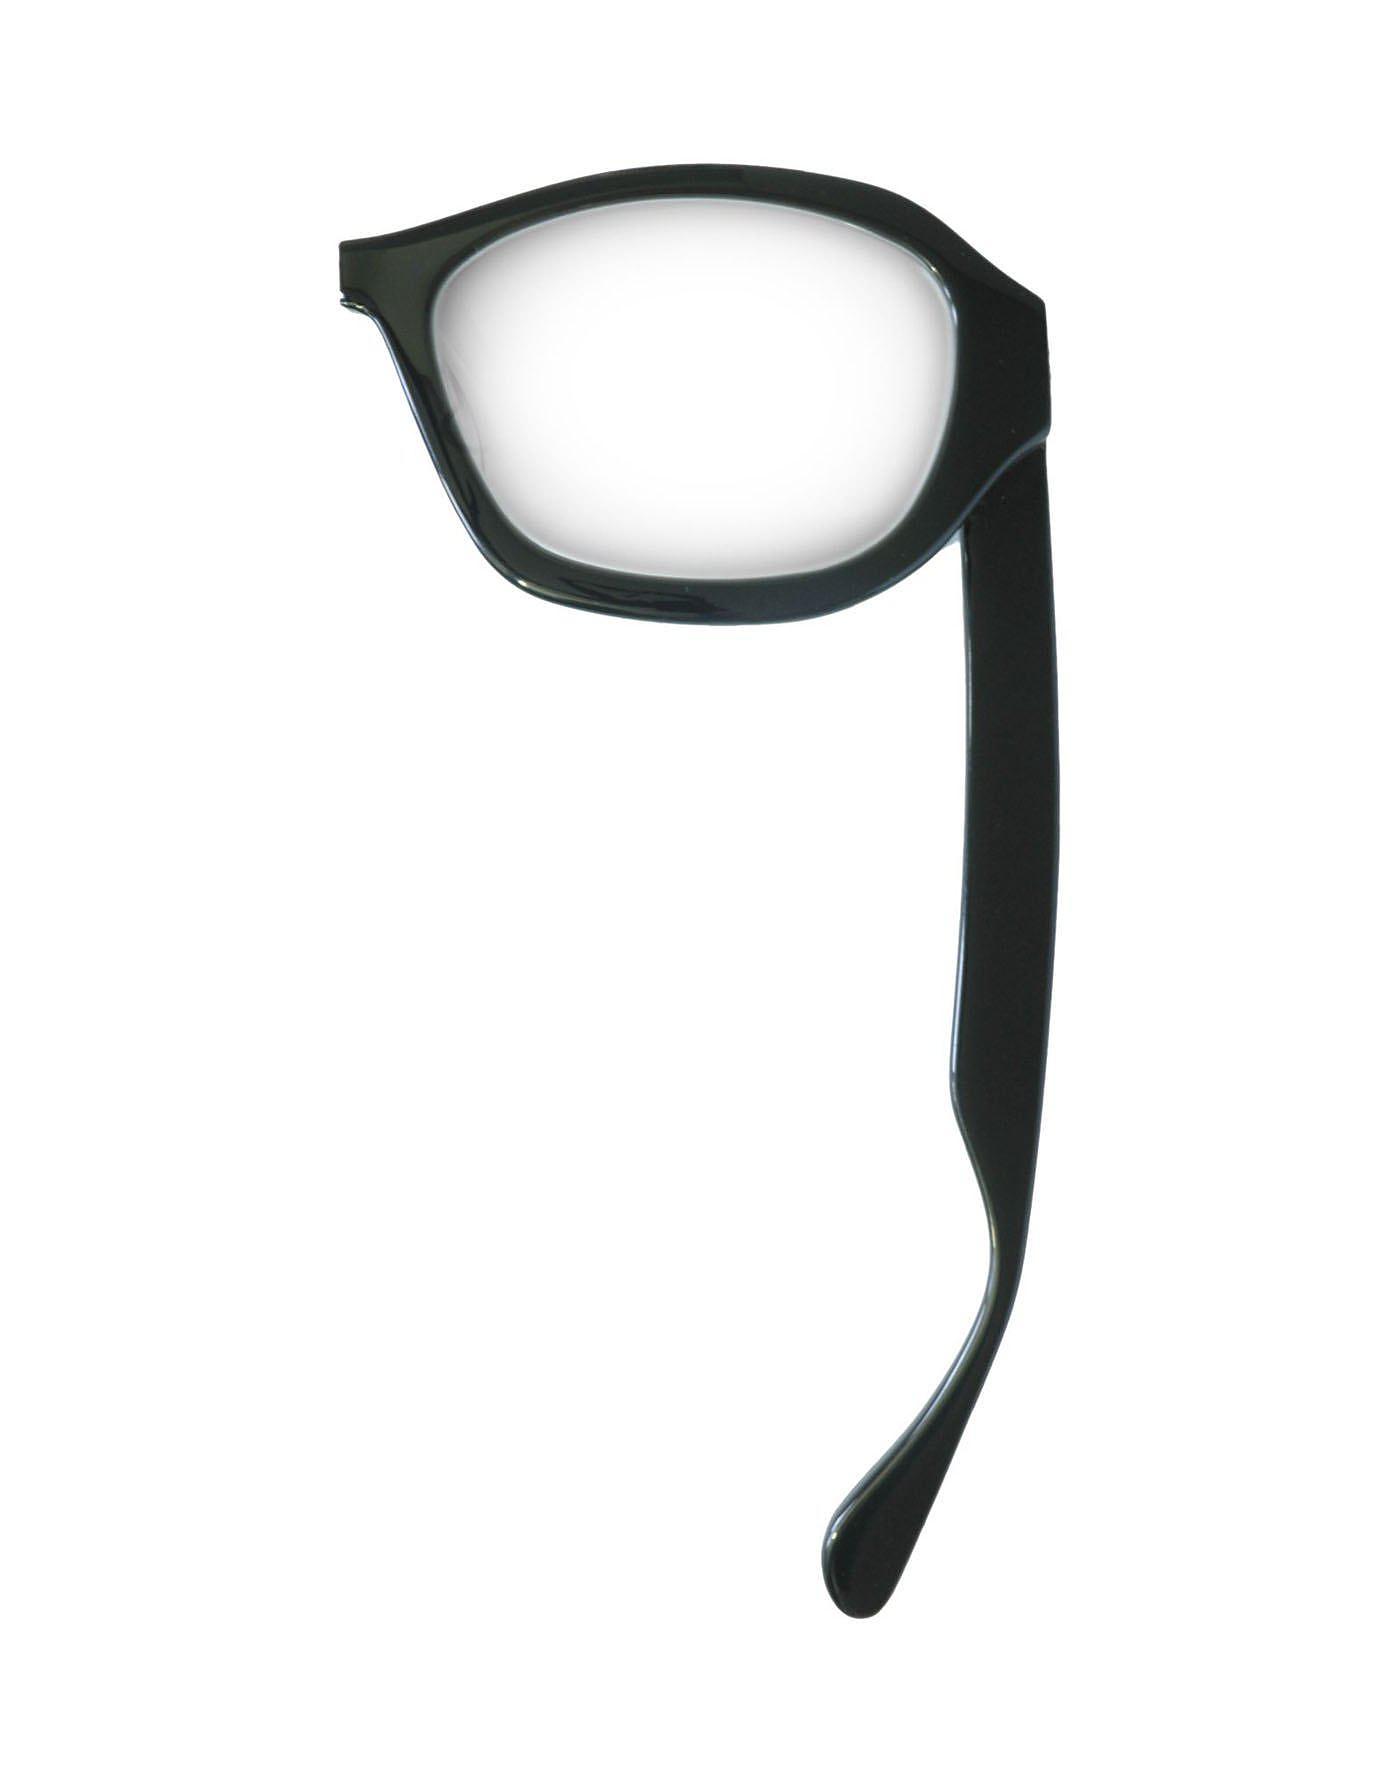 Maison Martin Margiela 13 Magnifying Glasses.